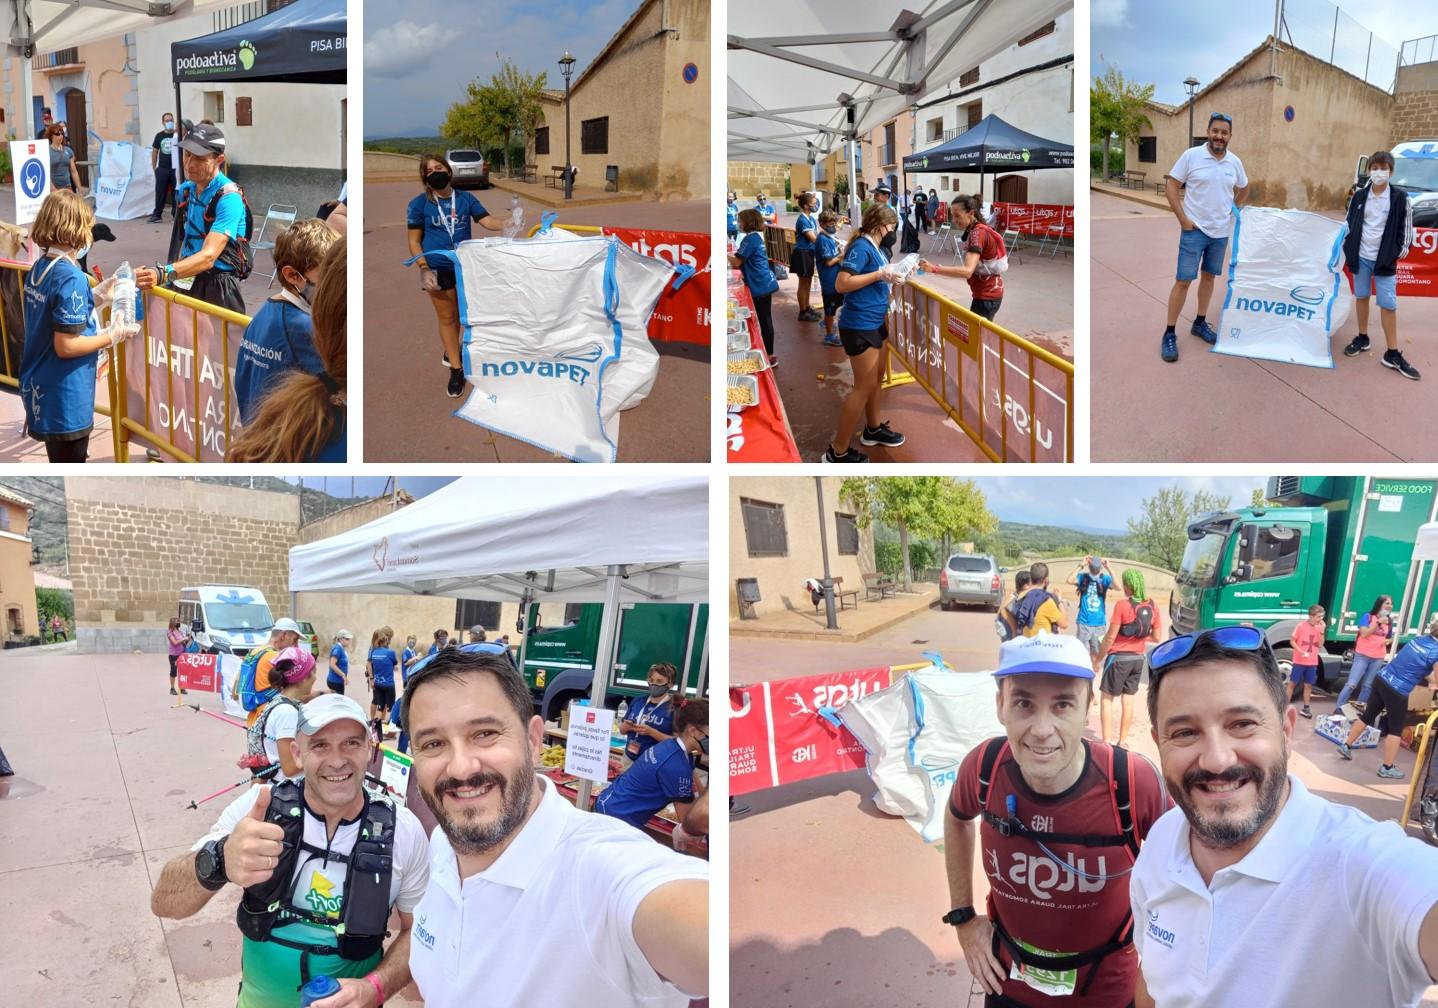 AV-Radiquero-Voluntarios-Novapet-UTGS-2021